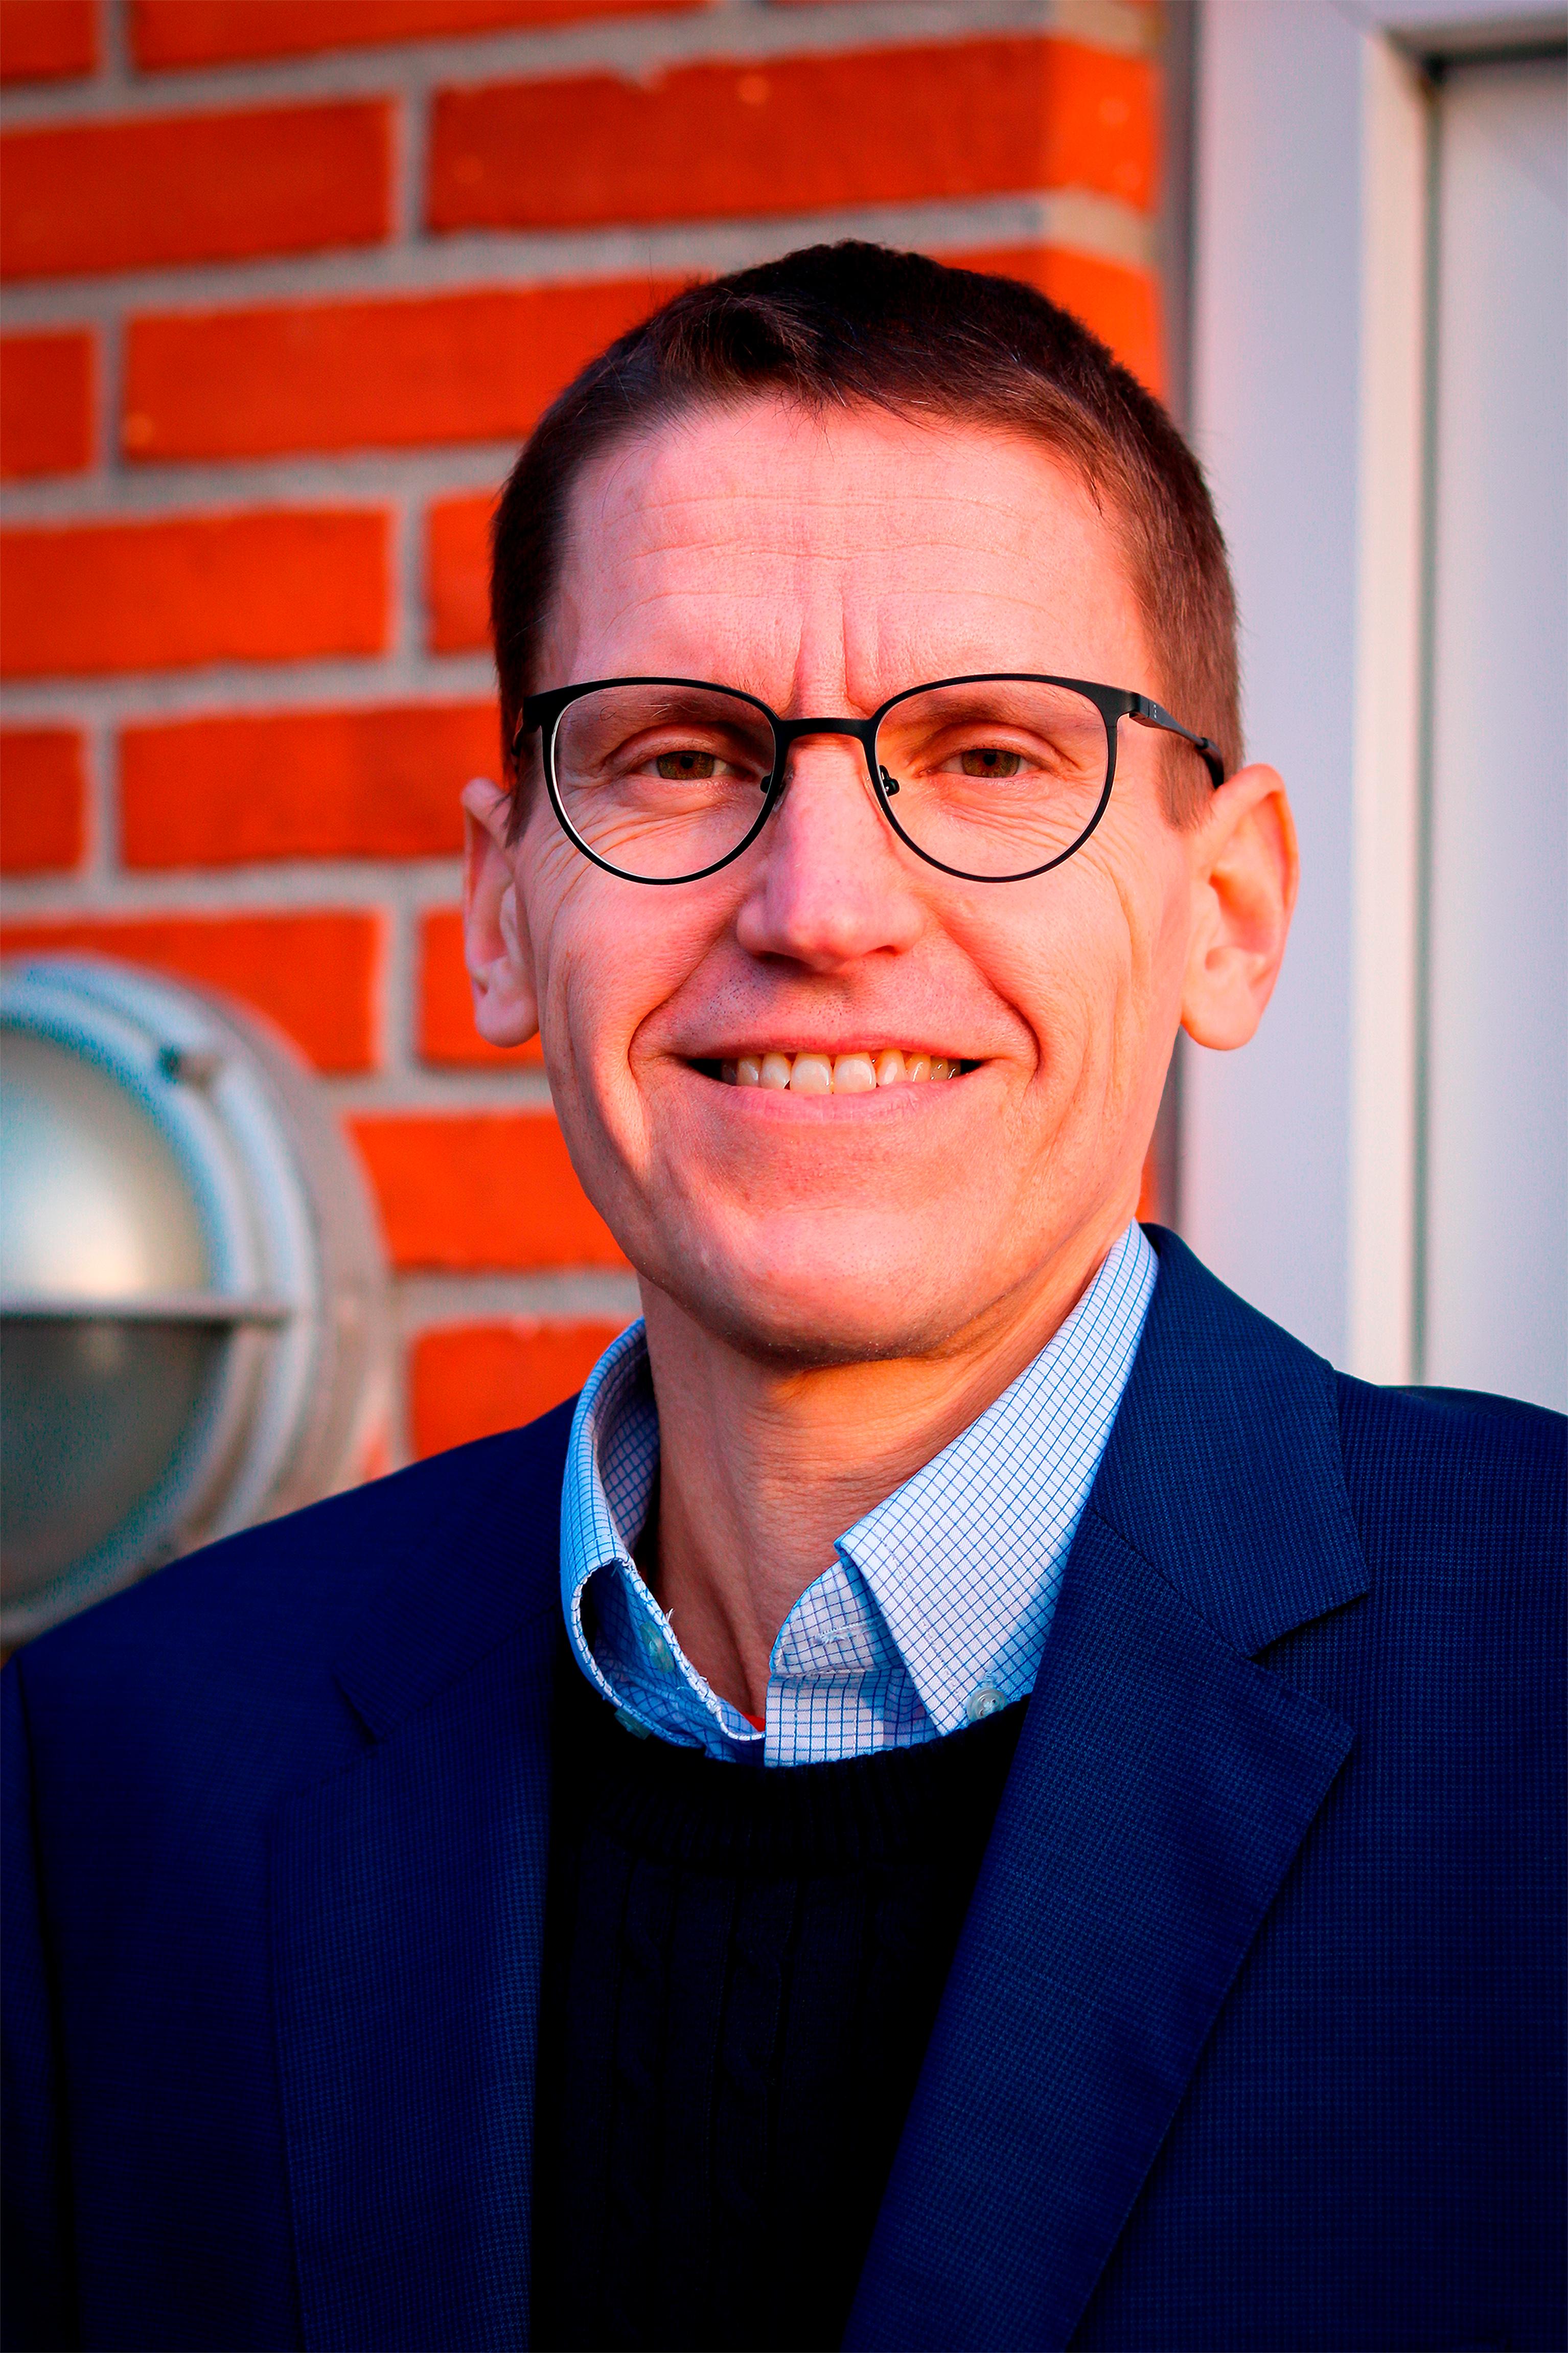 Præst Anders Møller@0,5x